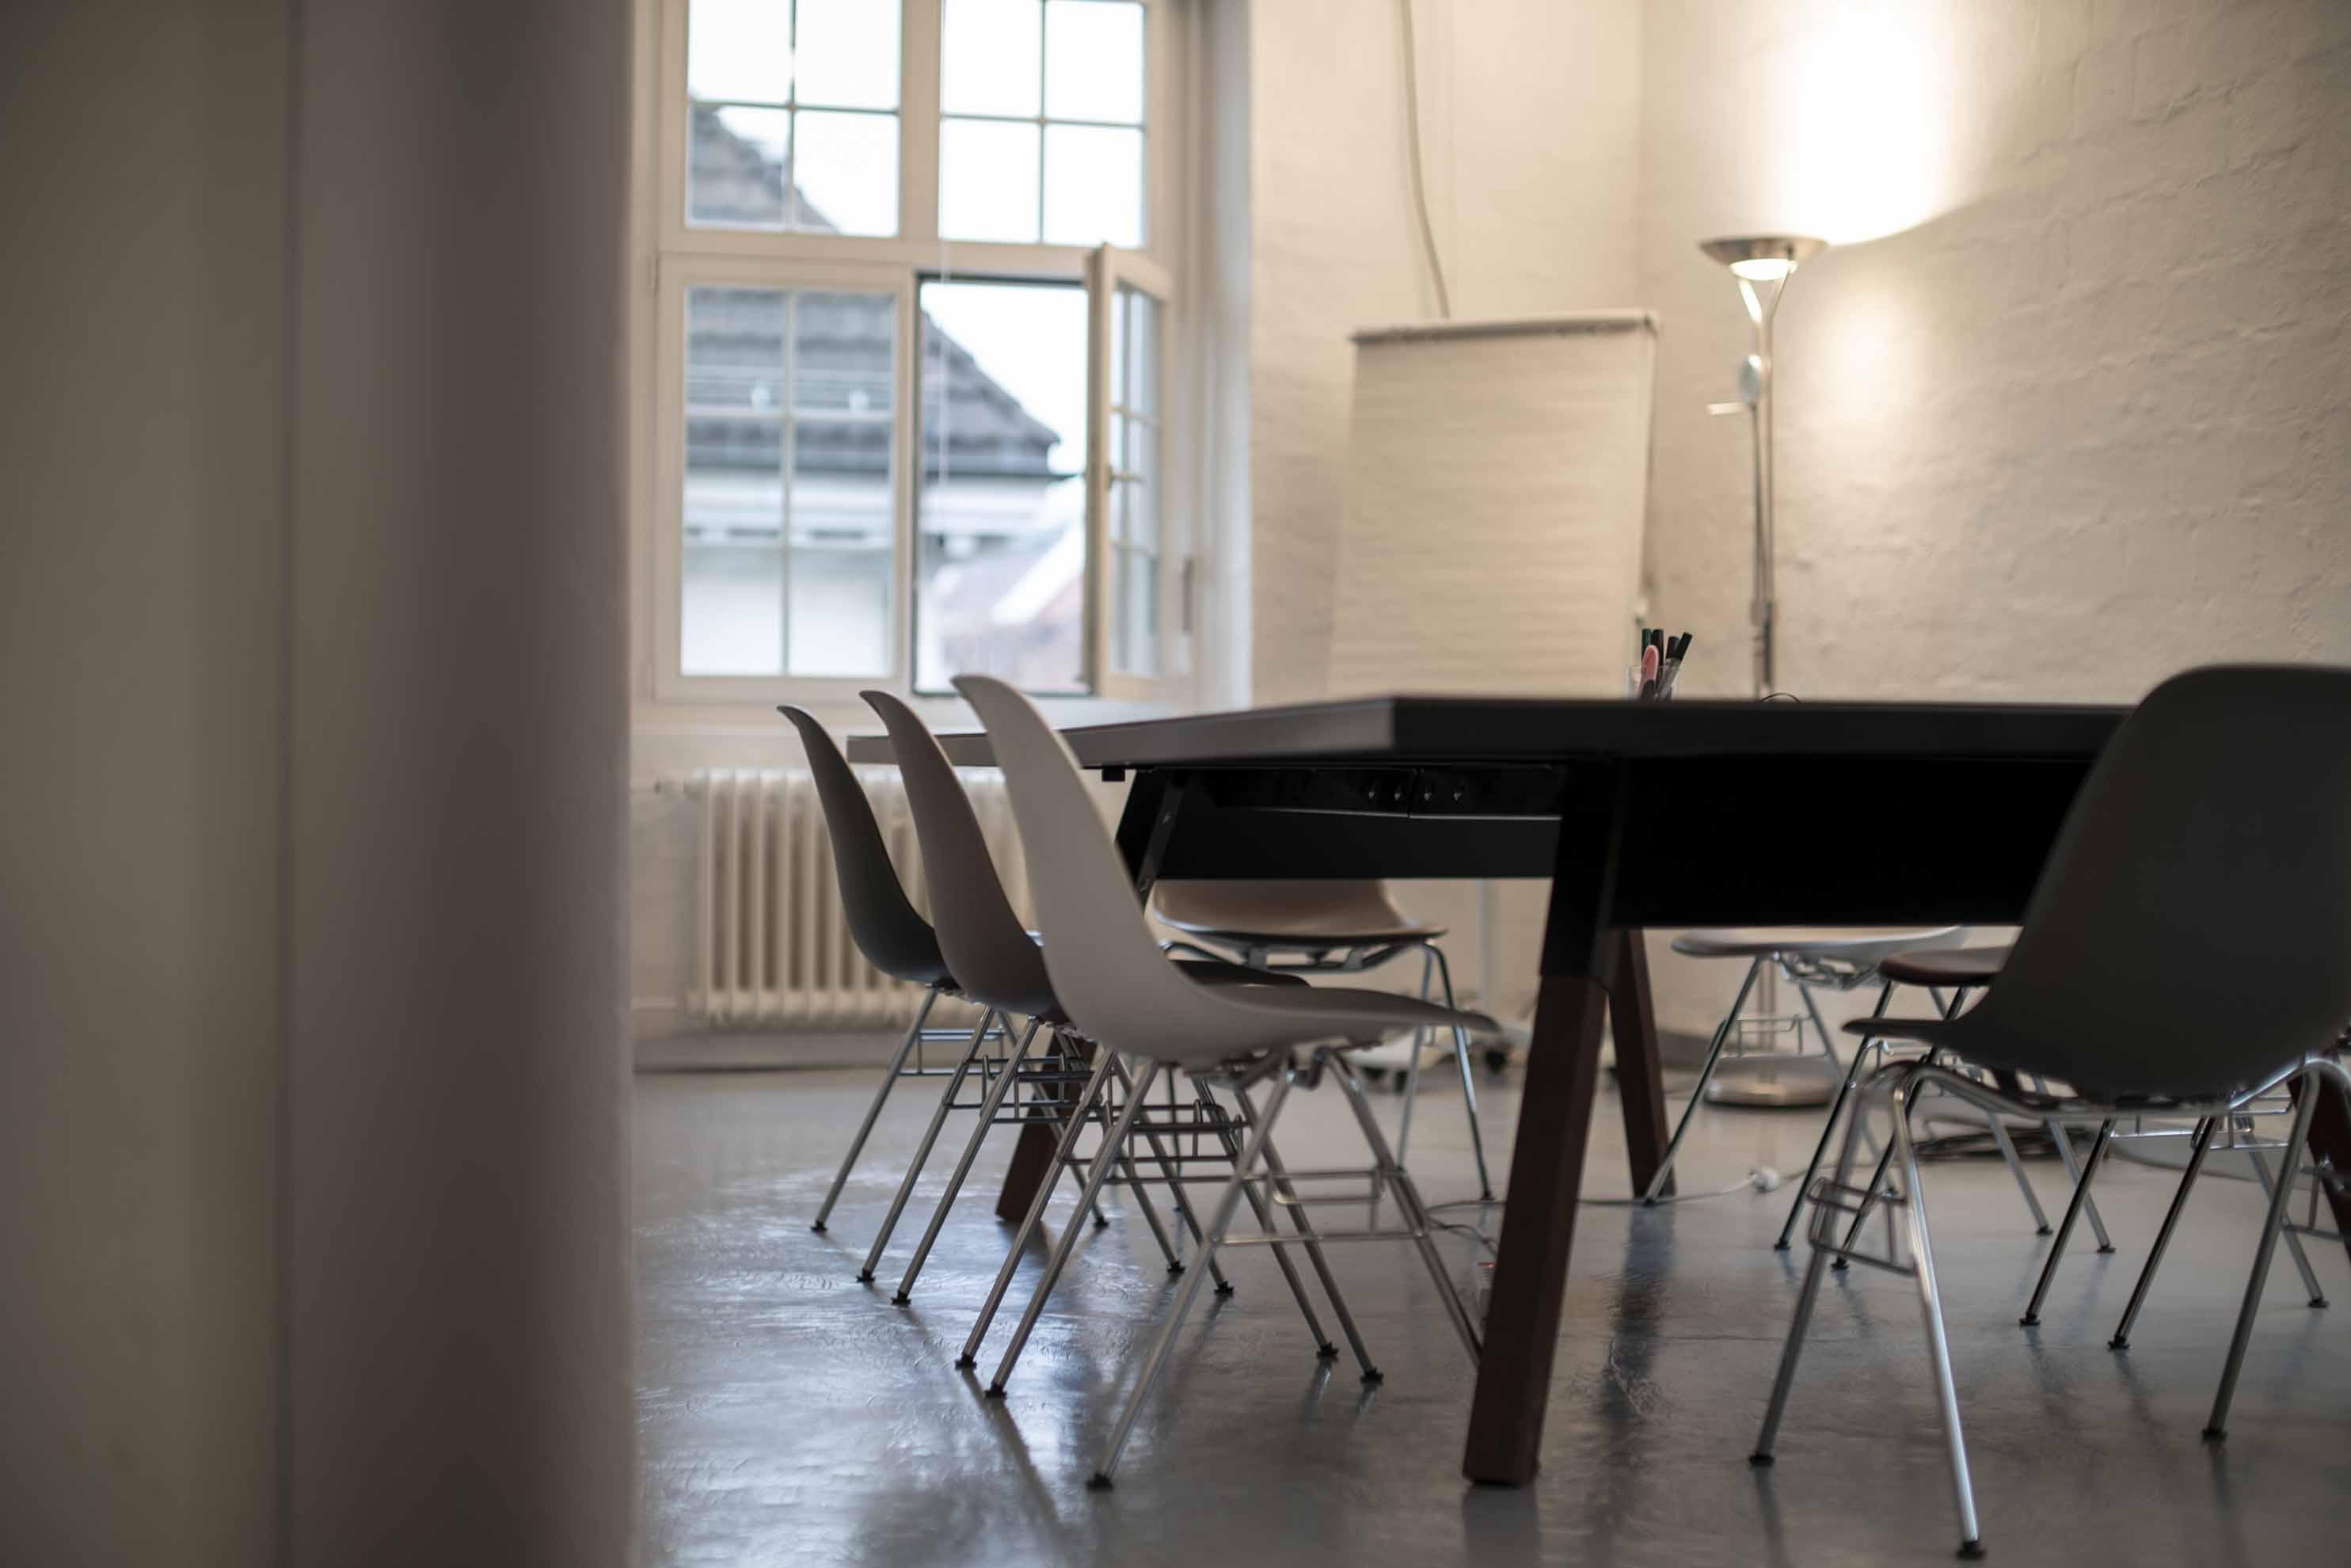 Büro Mieten, Museum für Gestaltung, Klingenpark, Sihl, Limmat, Private Office, Shared Space, Coworking Space, mit monitor, Meeting Raum und Kaffee und einer Küche, Lounge und Telefonkabine, Phonebooth